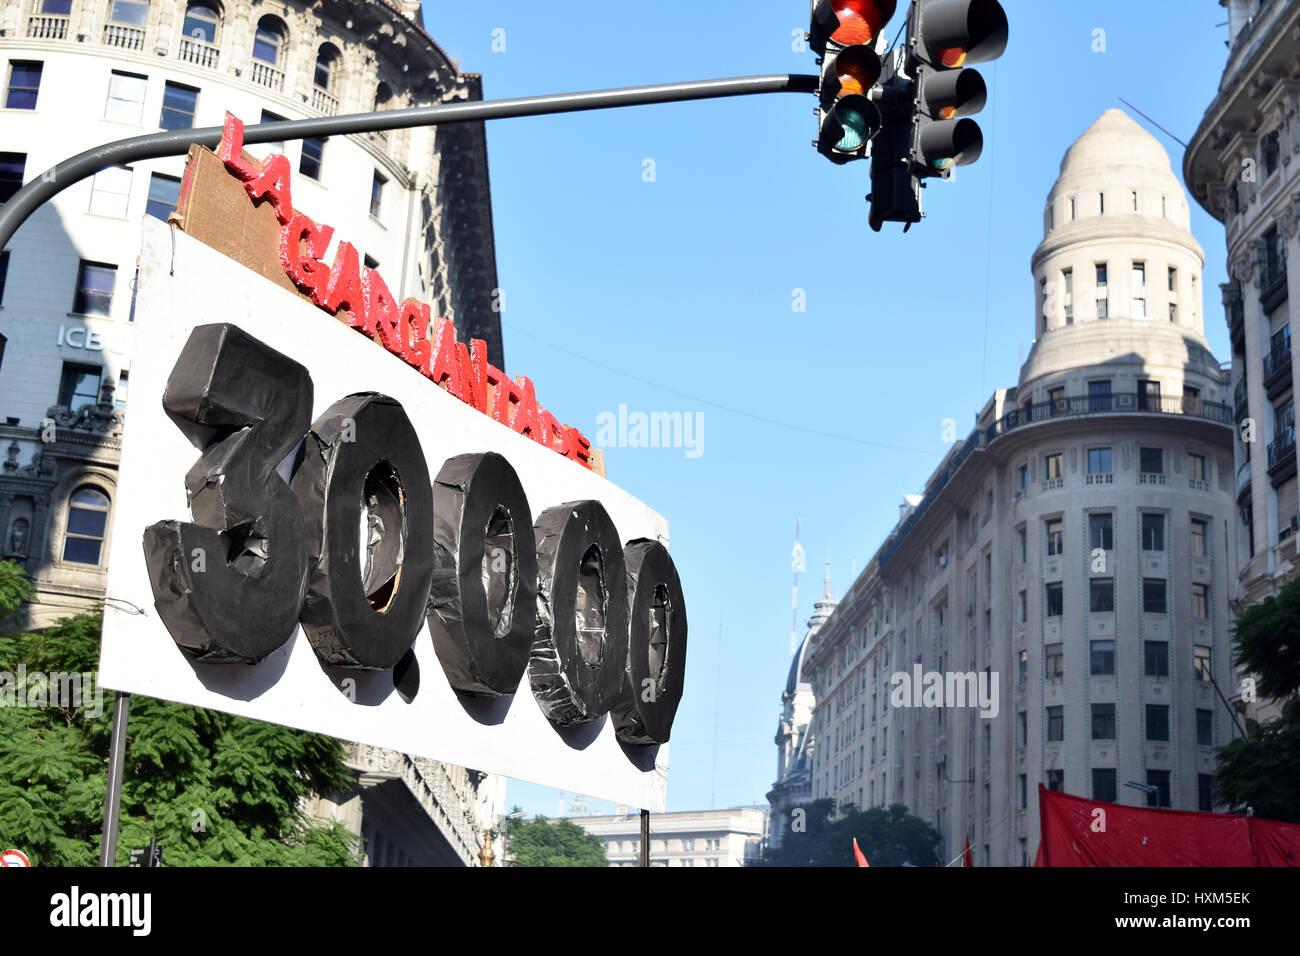 Buenos Aires, Argentina - Marzo 24, 2017: Demostraciones en el anivesary de Argentina por la dictadura, el 24 de Imagen De Stock